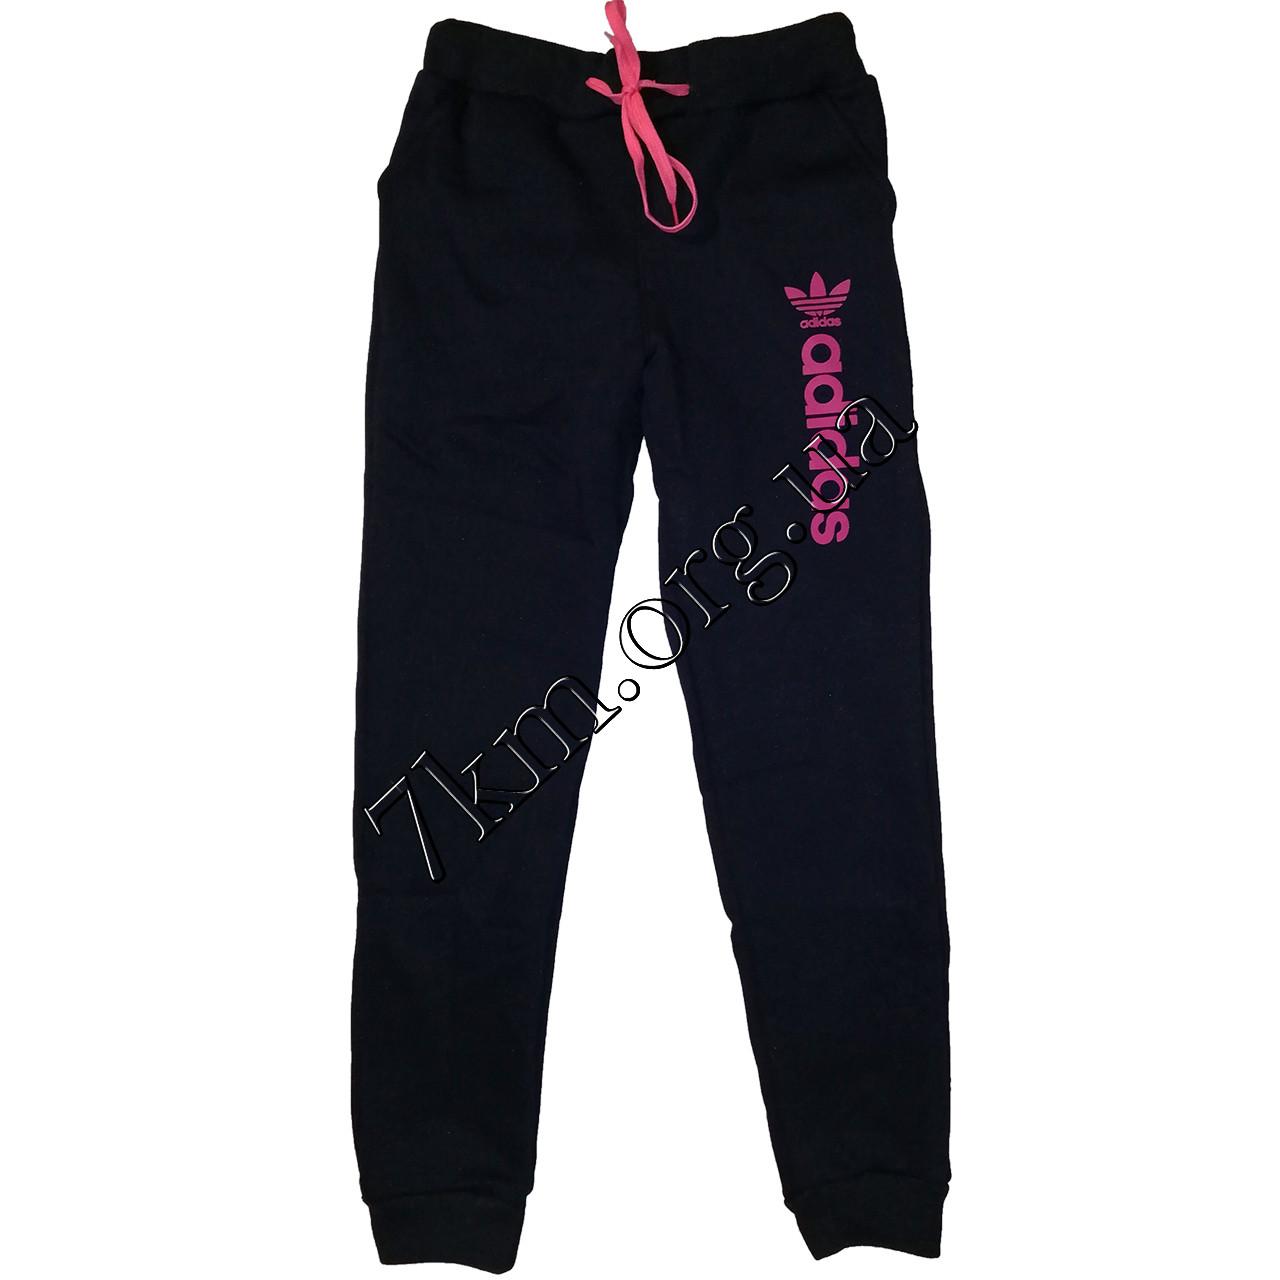 """Спортивные штаны +флис для девочек реплика """"Adidas"""" 9-13 лет Оптом 200"""